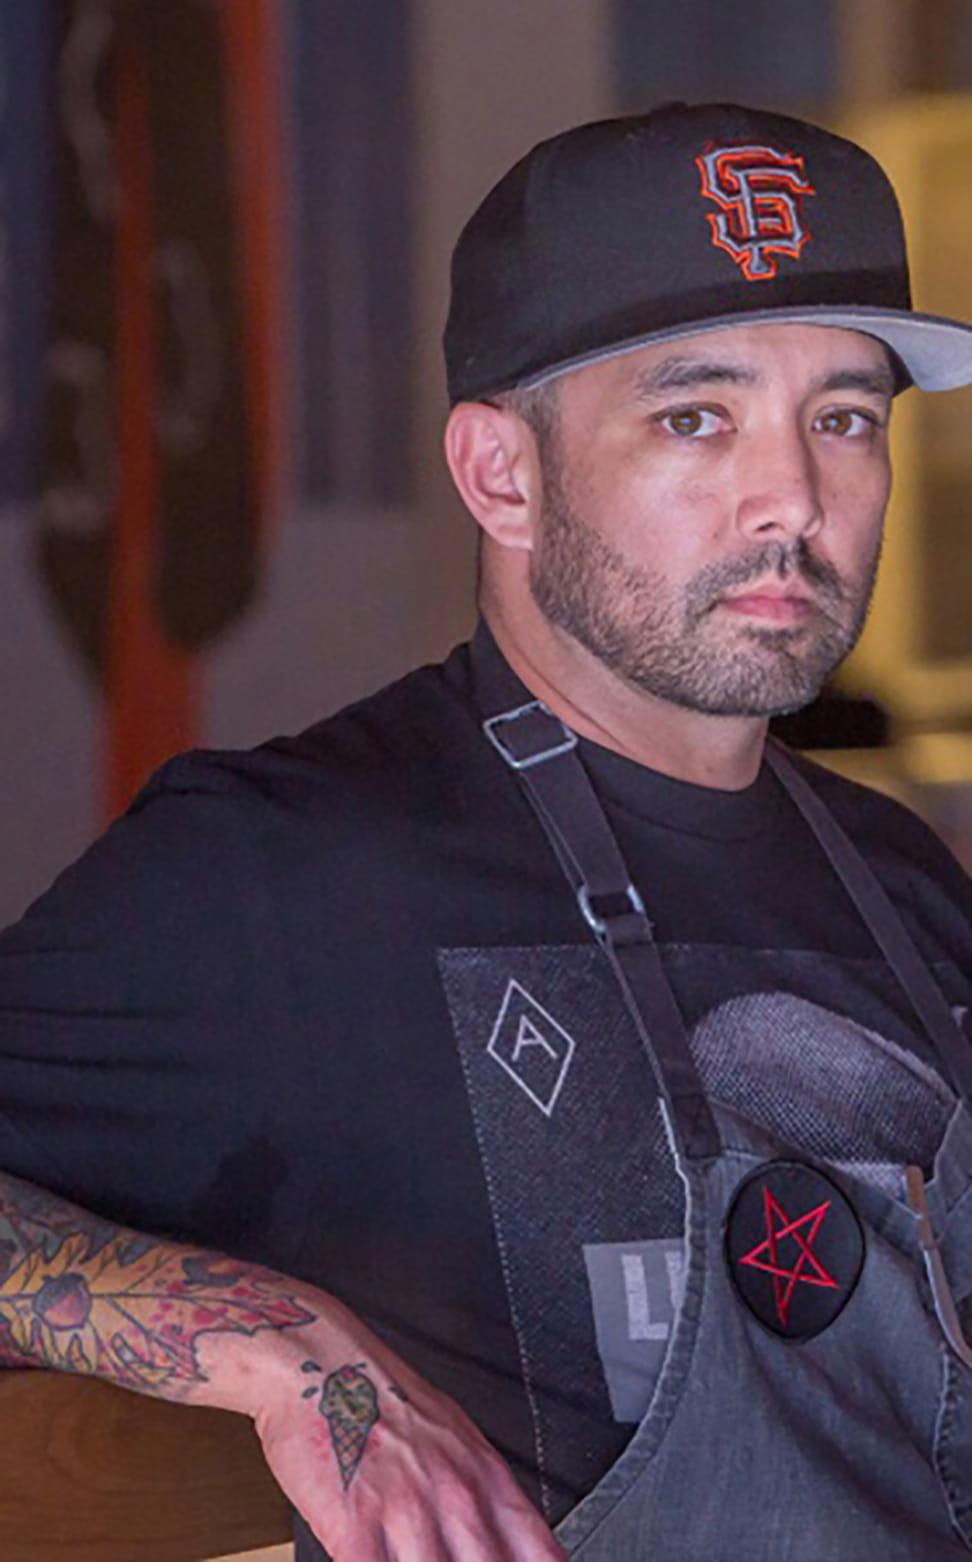 Chef Richie Nanko